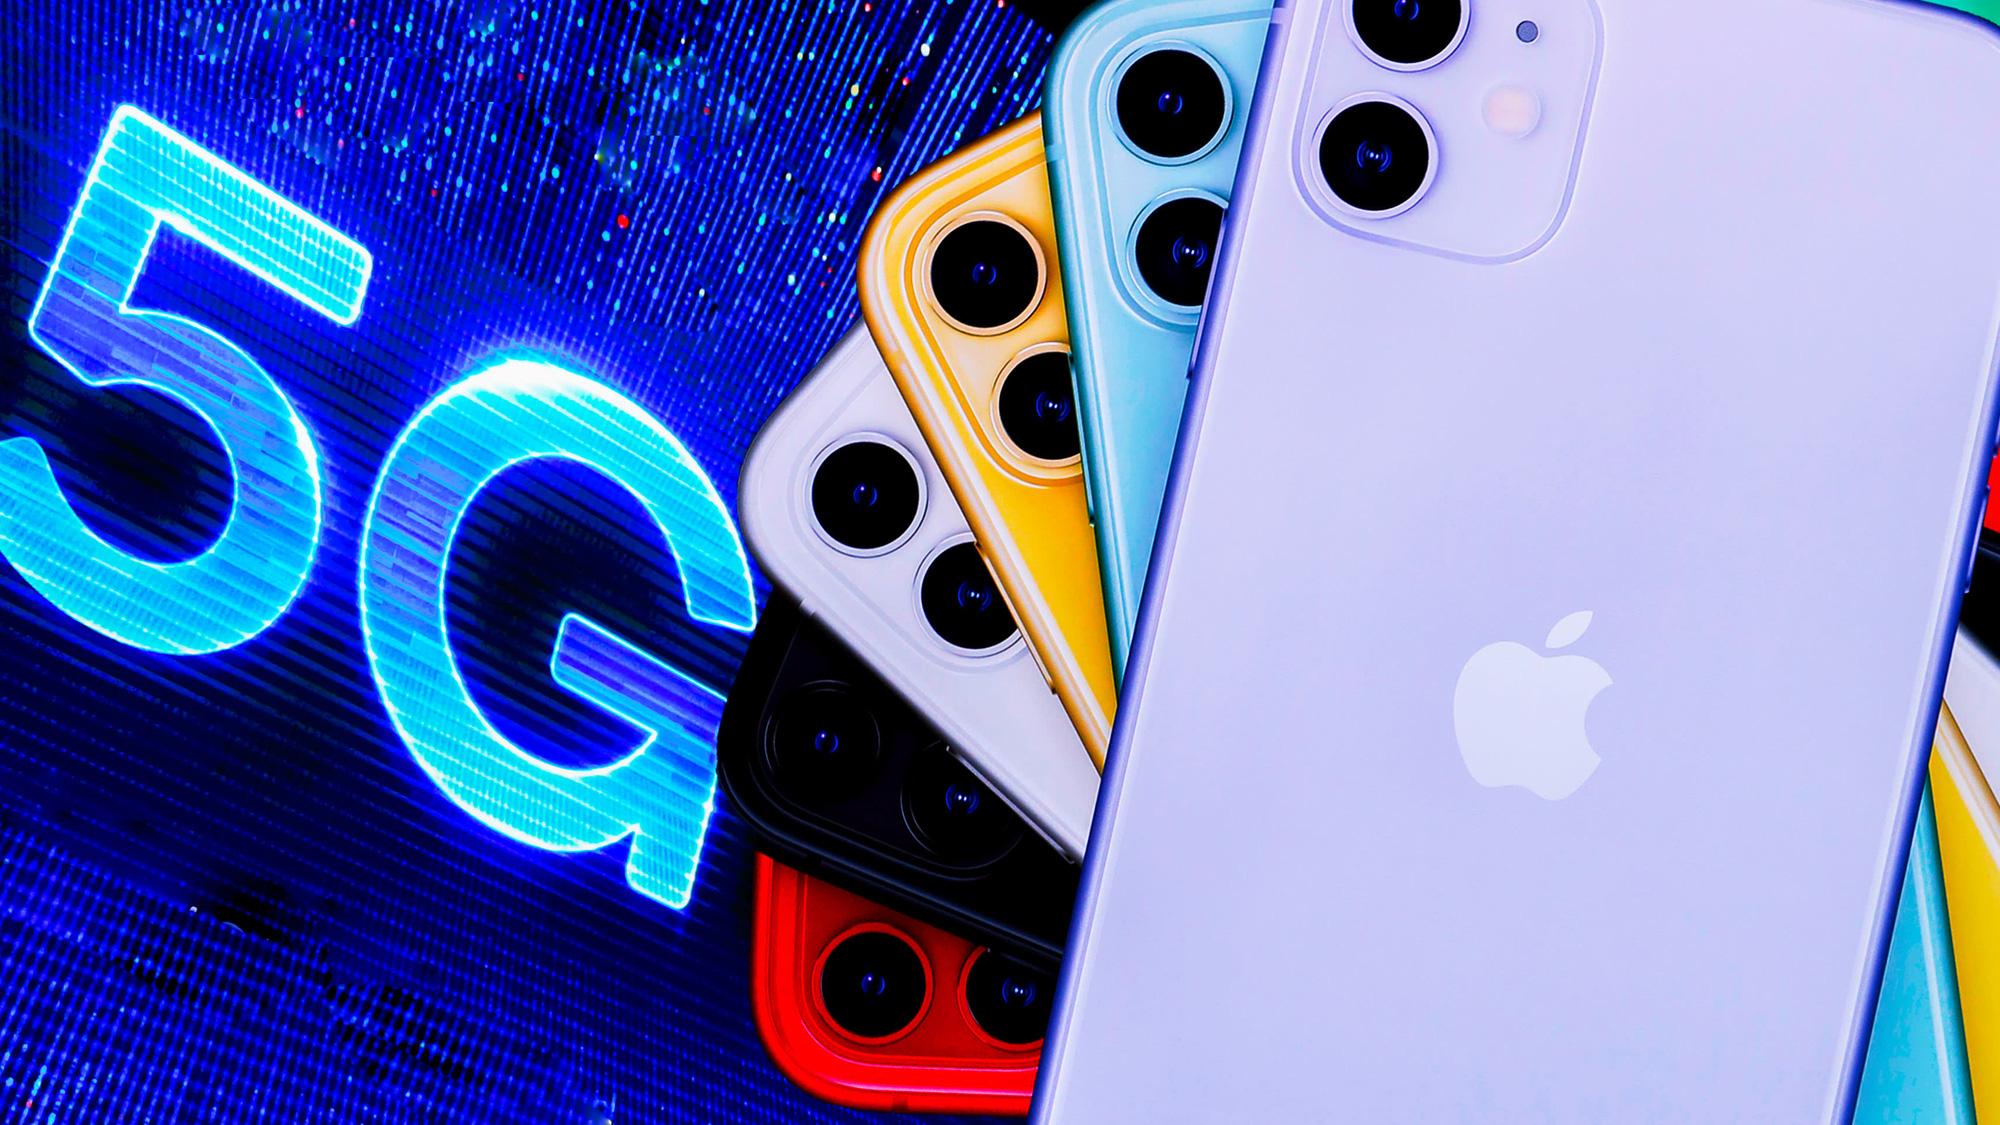 Apple bắt đầu gửi mẫu chip A14 cho TSMC, chuẩn bị sản xuất iPhone 2020 hàng loạt - Ảnh 2.